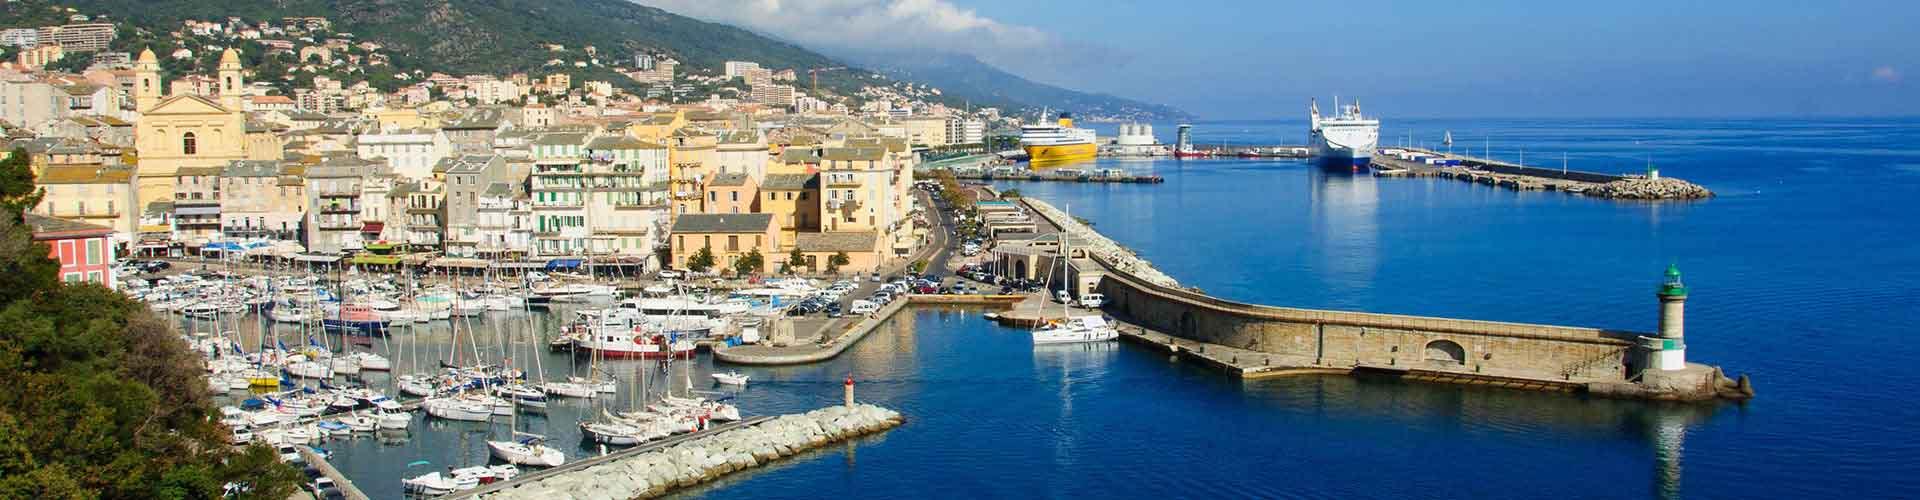 Bastia - Appartments à Bastia. Cartes pour Bastia, photos et commentaires pour chaque appartement à Bastia.